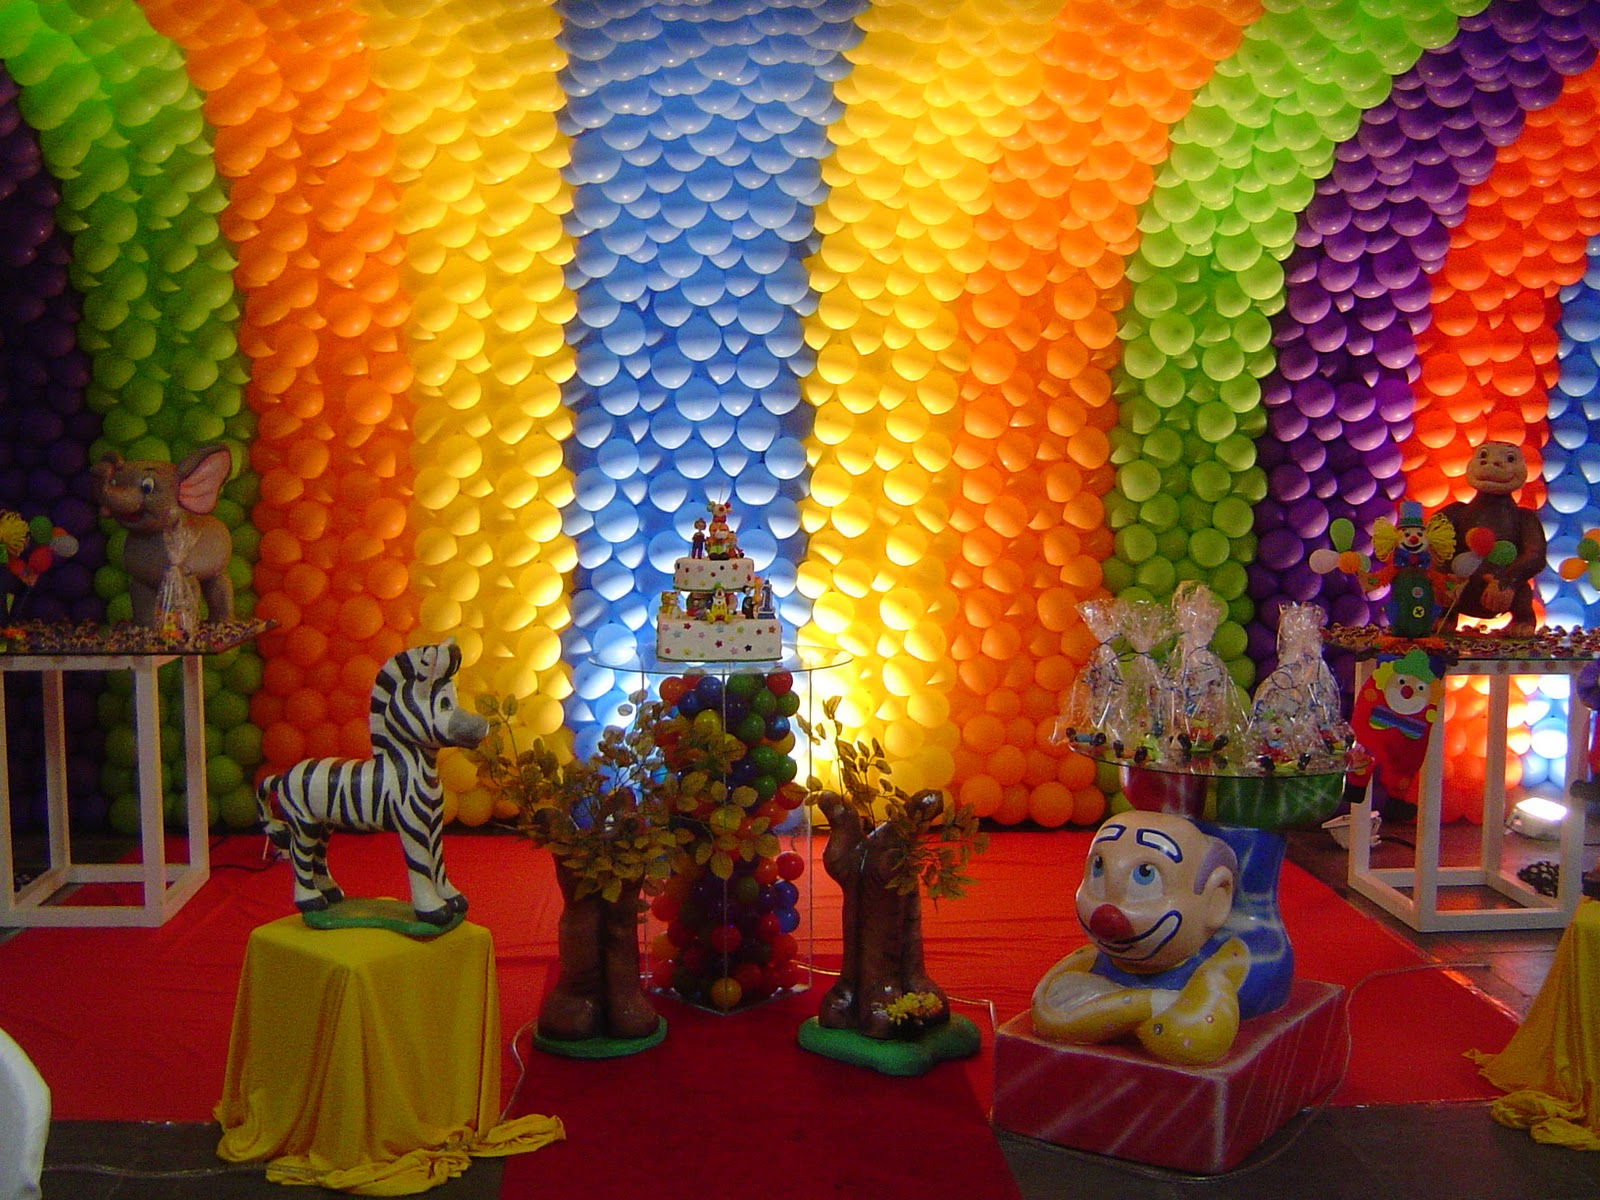 como-decorar-festa-com-baloes